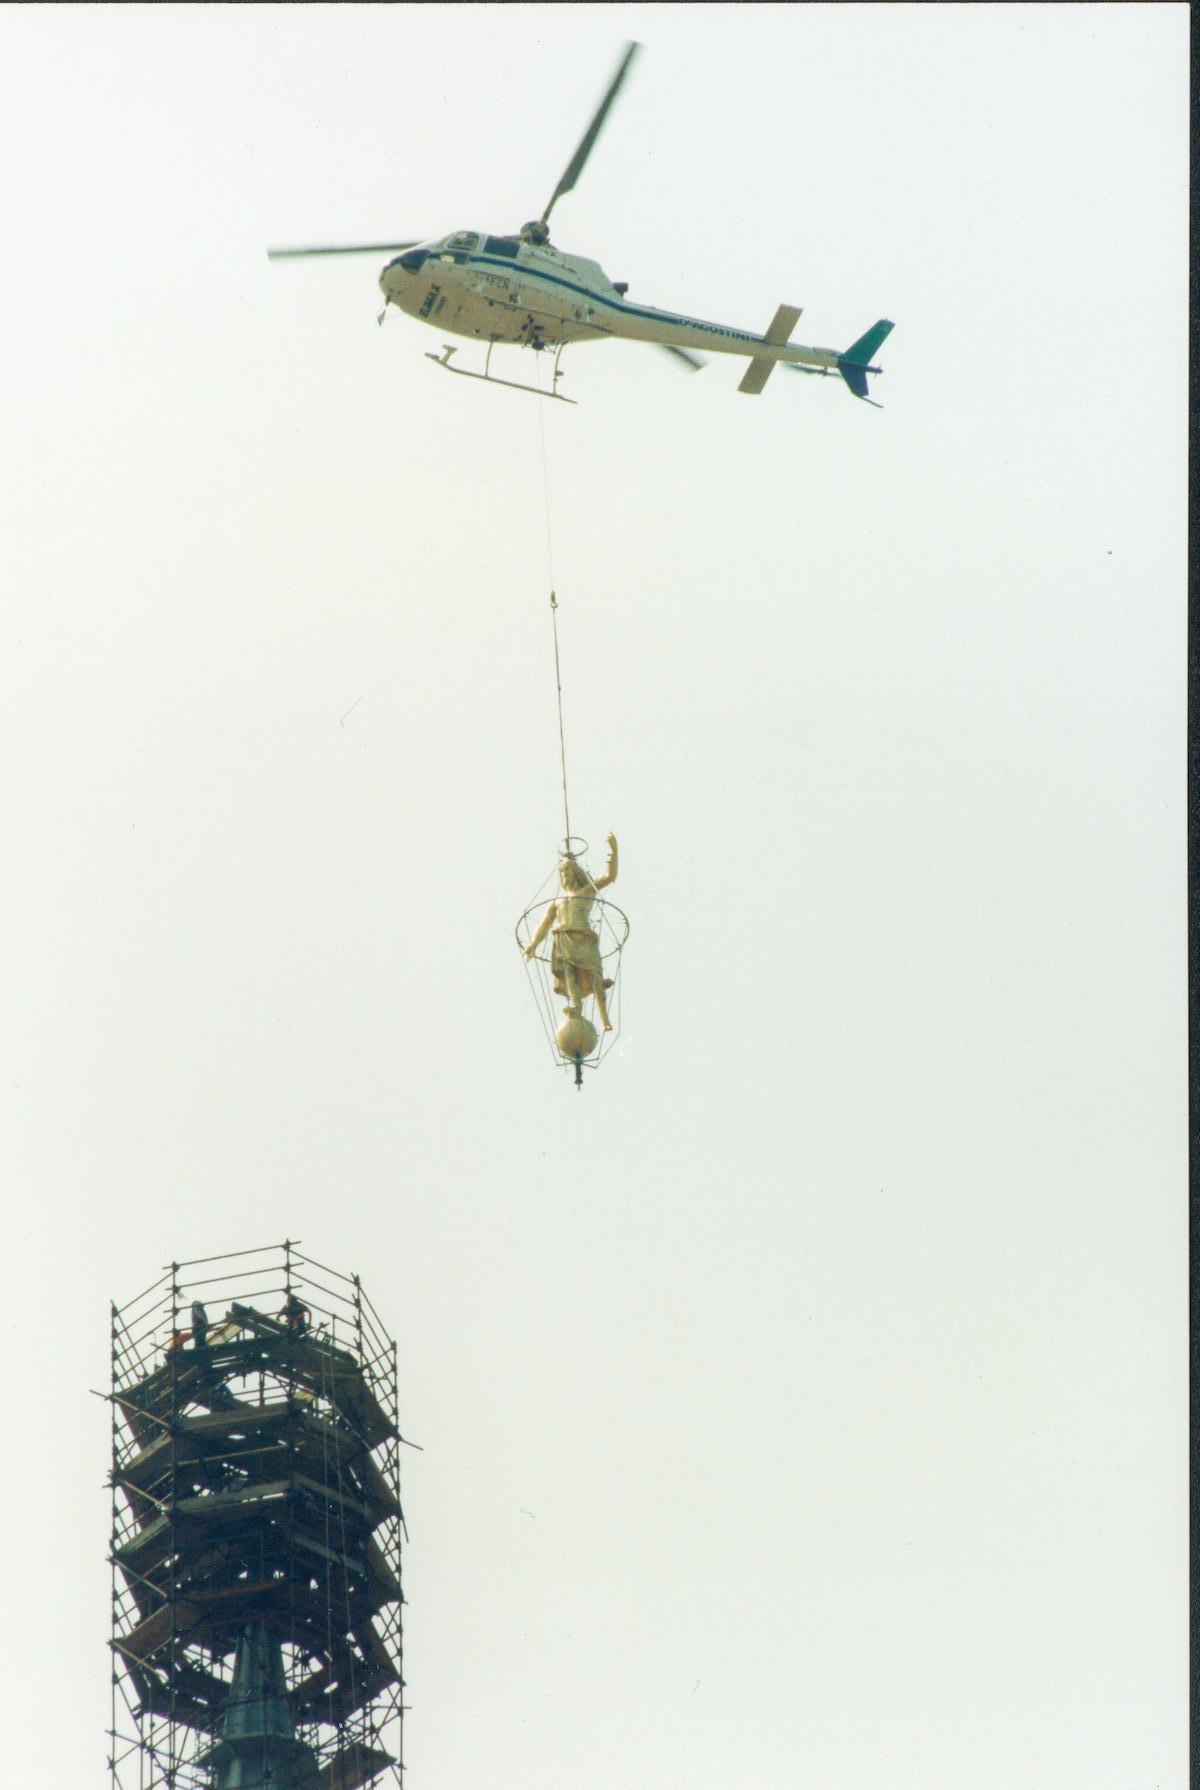 Posizionamento Statua del Salvatore sulla cupola di San Gaudenzio a Novara mediante elicottero